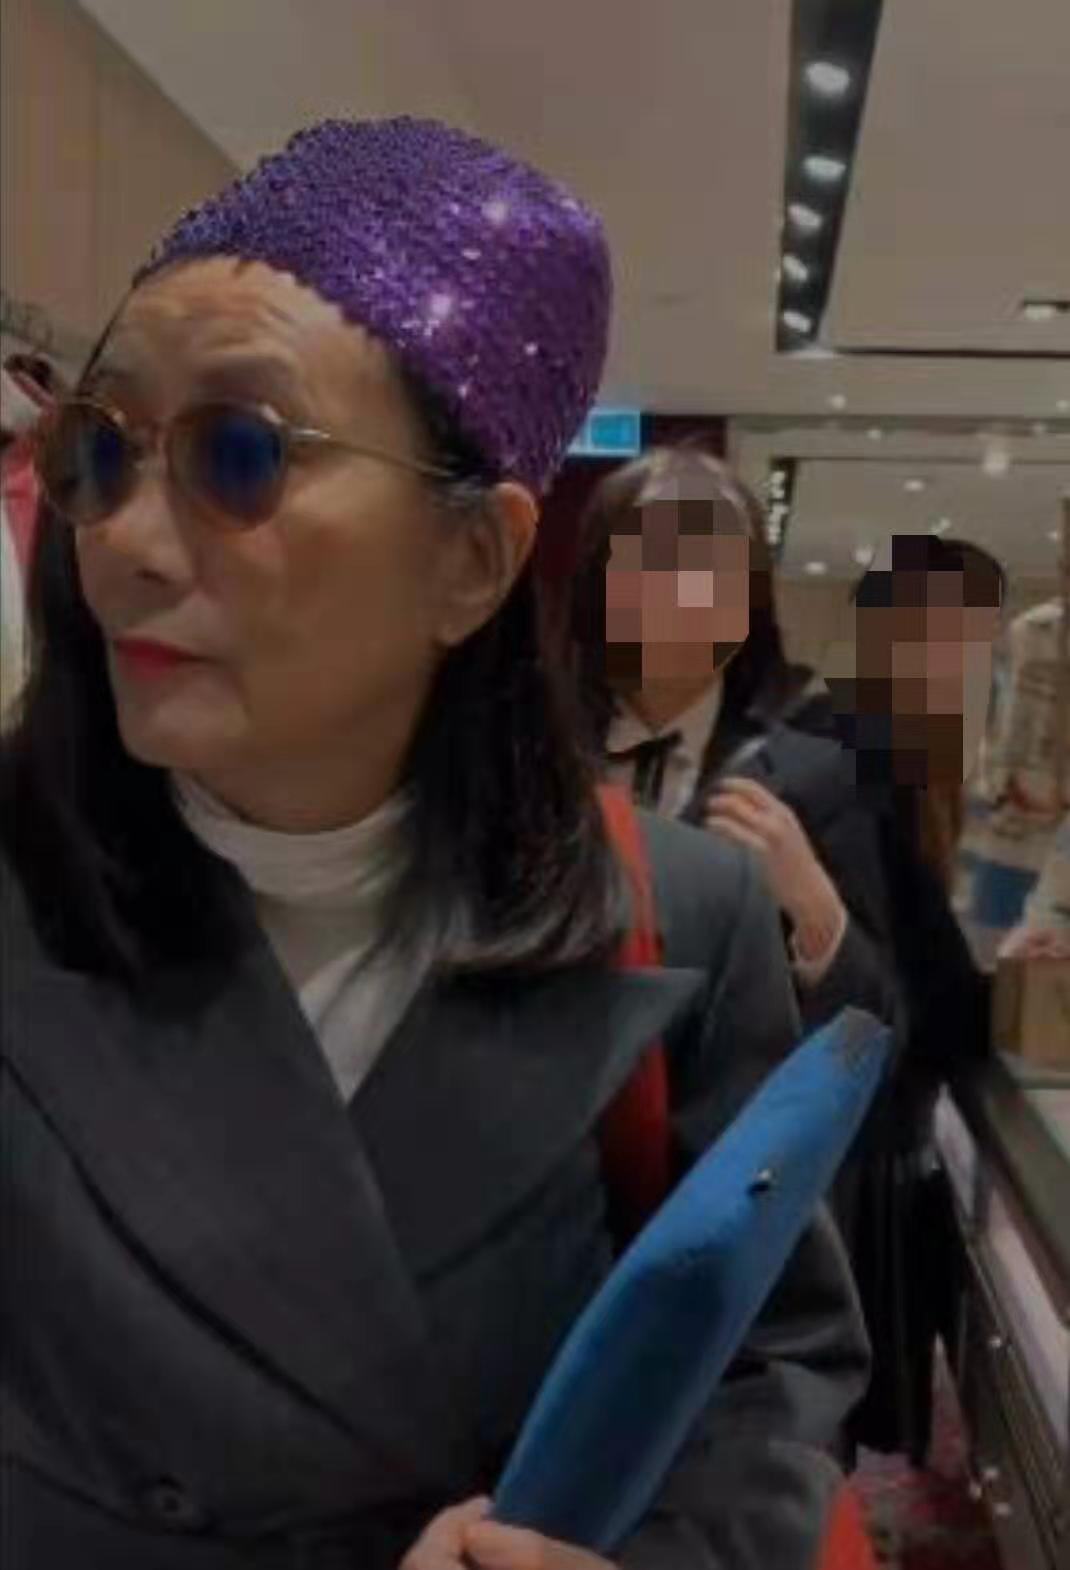 汪明荃 73岁汪明荃独自逛奢侈品店,穿着时尚脸部状态却不佳